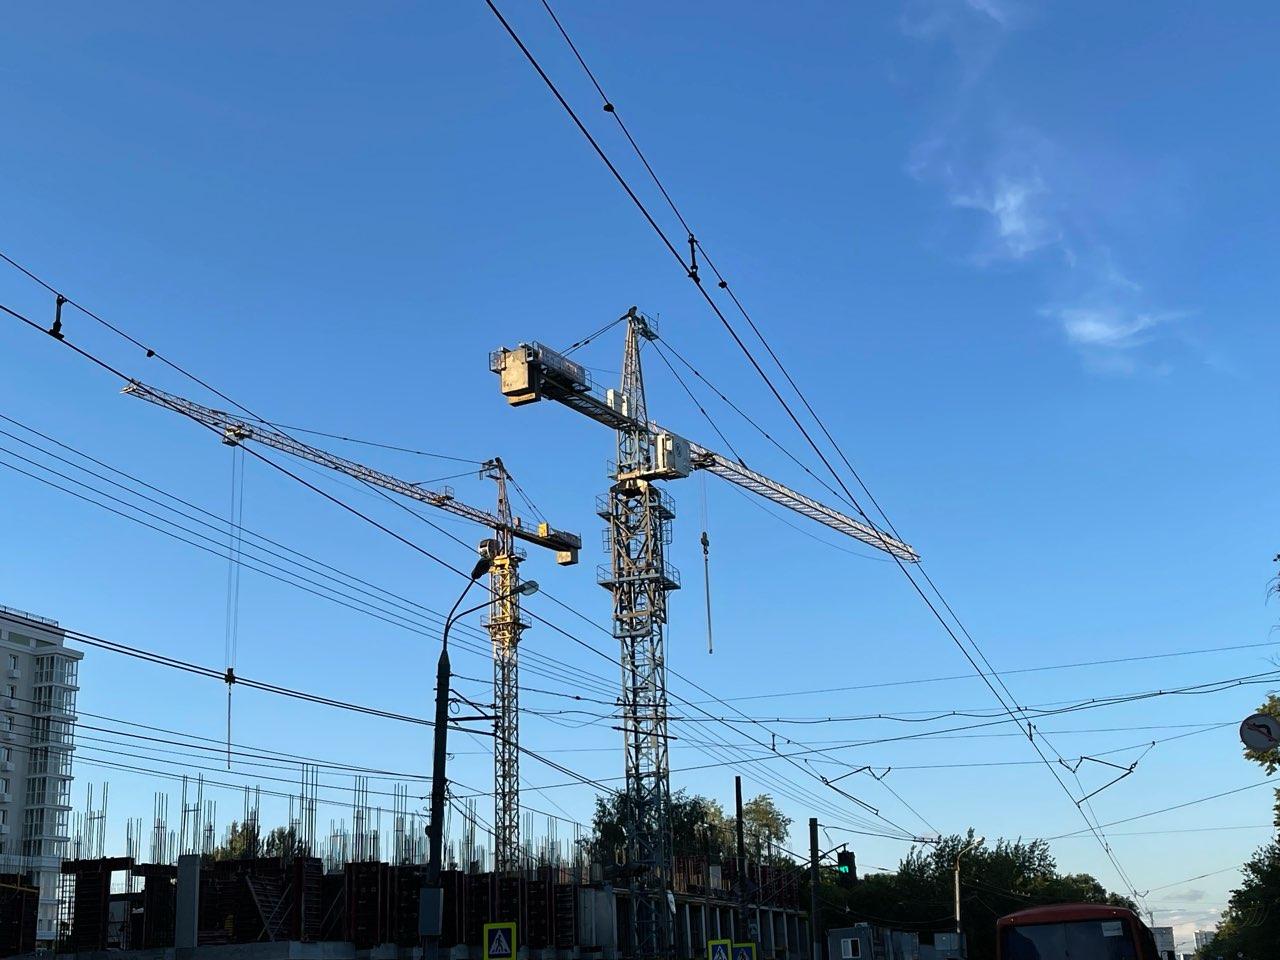 Два инвестора заинтересованы в достройке проблемного ЖК в Нижнем Новгороде - фото 1